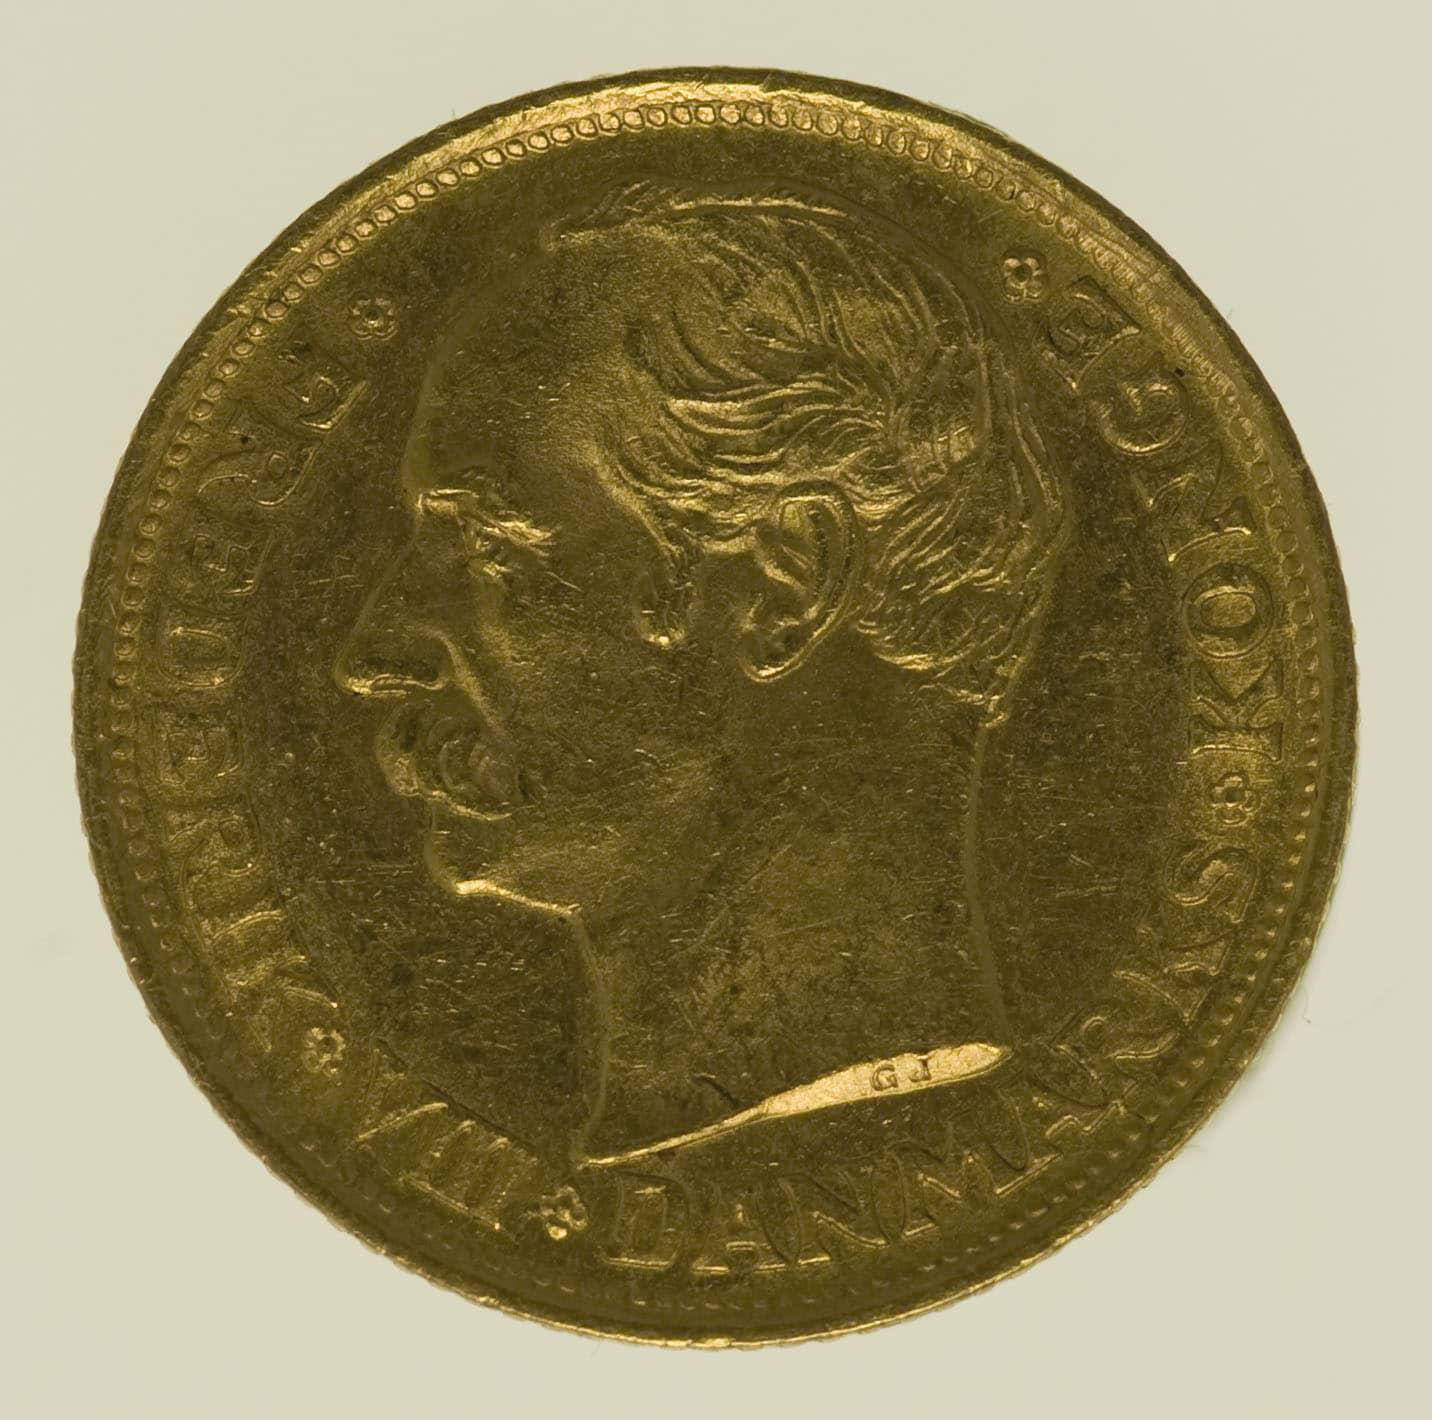 daenemark - Dänemark Frederik VIII. 10 Kronen 1908